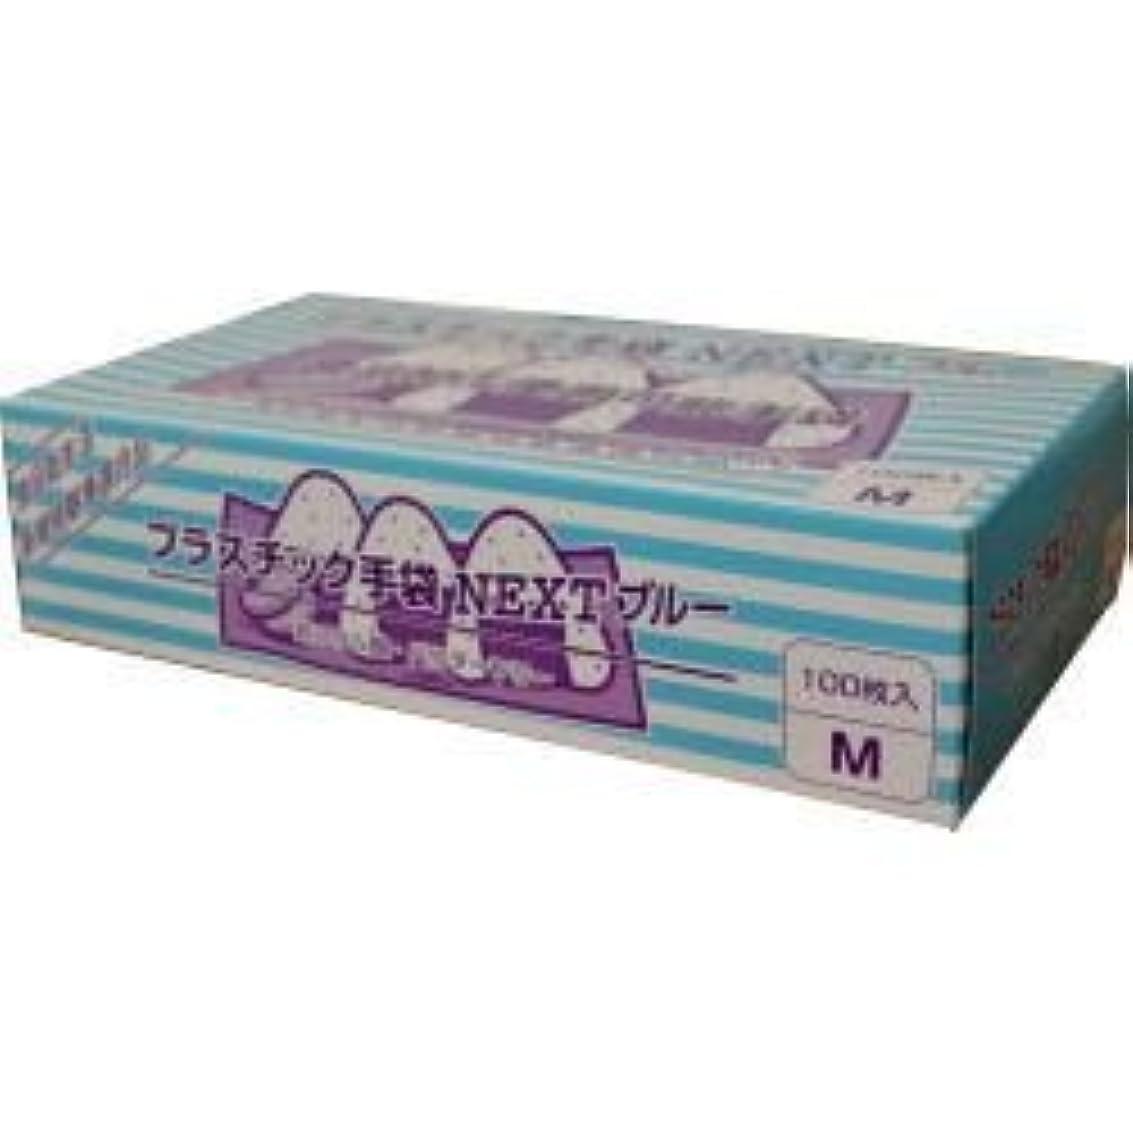 主婦リングレット理想的プラスチック手袋NEXTパウダーフリー(ブルー)Mサイズ 100枚/箱×20箱/ケース 2000枚(1000双)入り